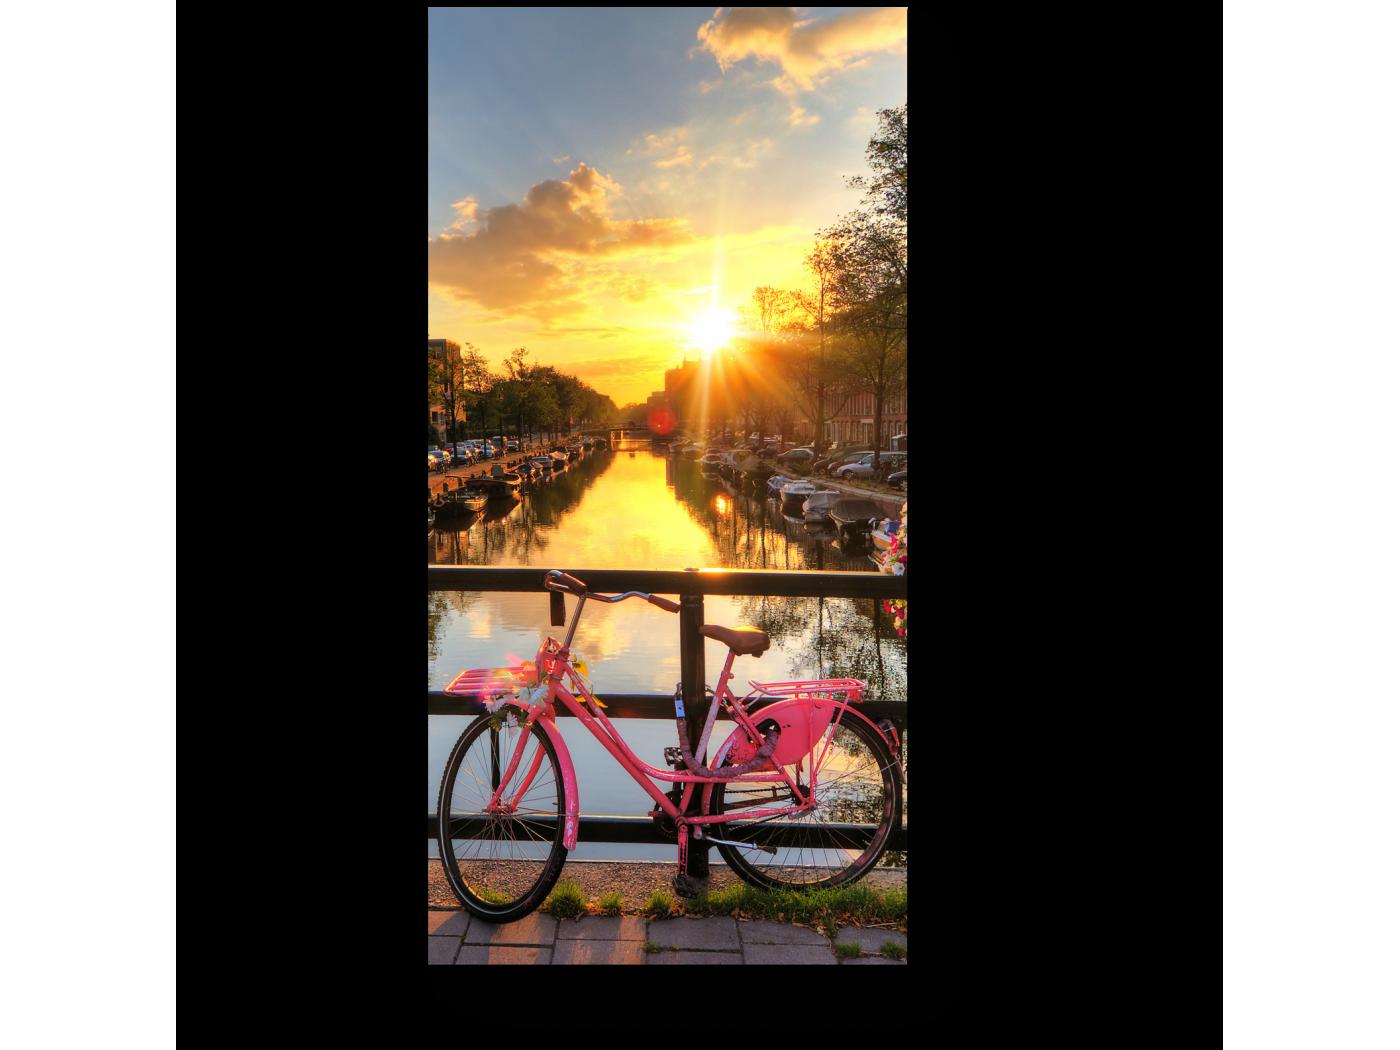 Модульная картина Прекрасный закат в Амстердаме (20x40) фото